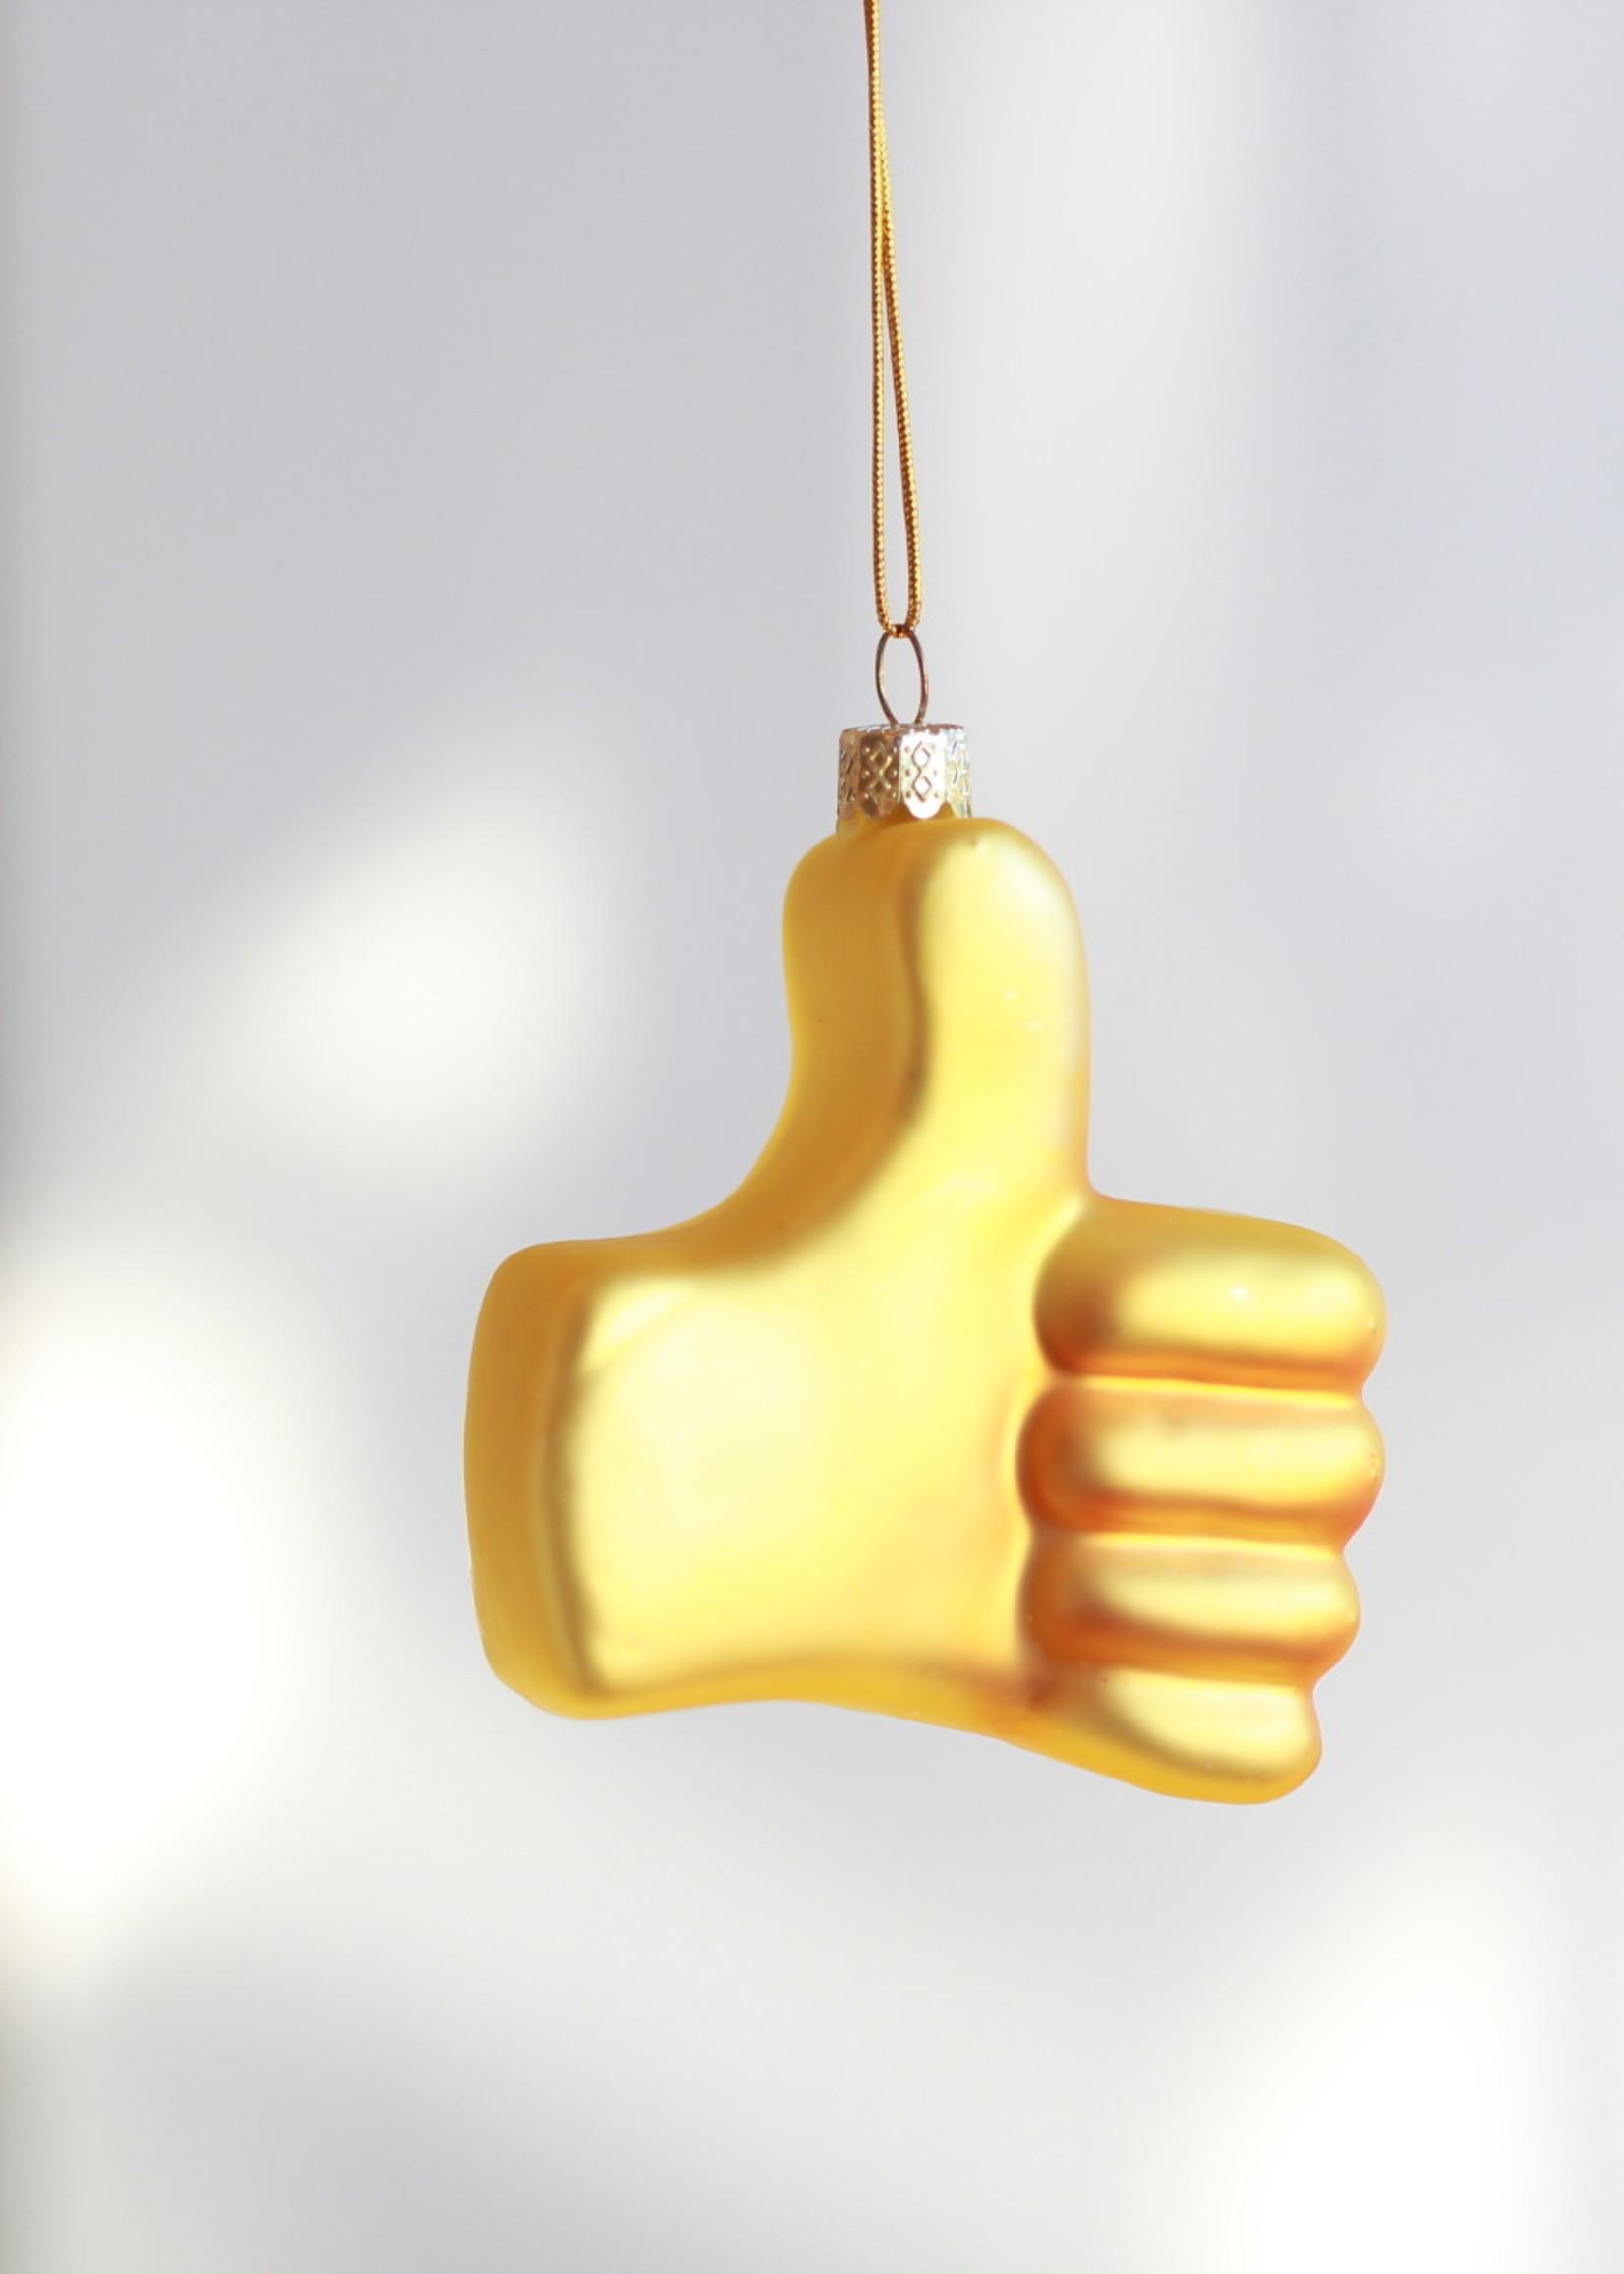 Thumbs Up Emoji Ornament